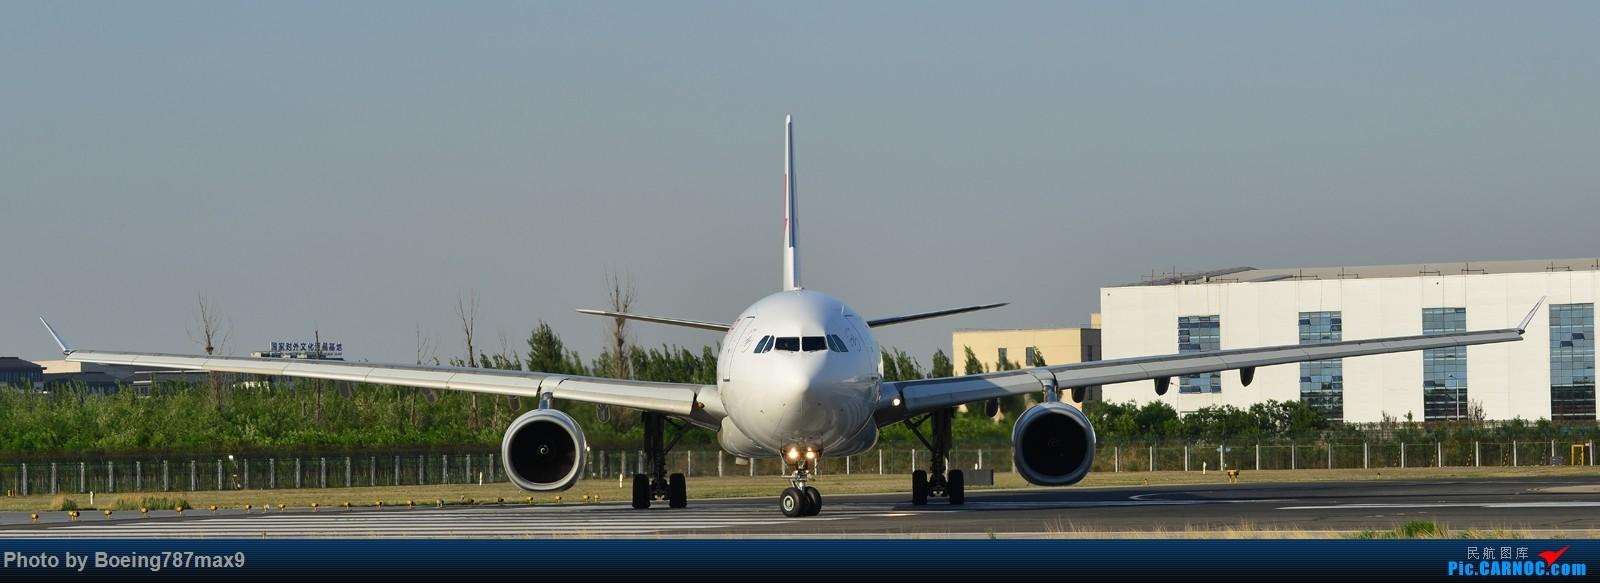 Re:[原创]【PEK】独一无二独特的拍摄角度,超有震撼力的机头『1600*高清大图』 AIRBUS A330-300 B-6128 中国北京首都国际机场